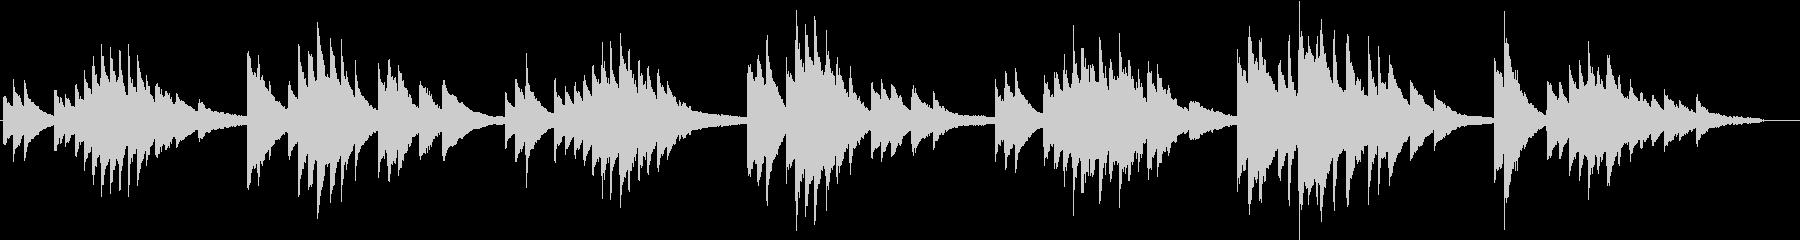 赤とんぼ(ピアノカバー)の未再生の波形